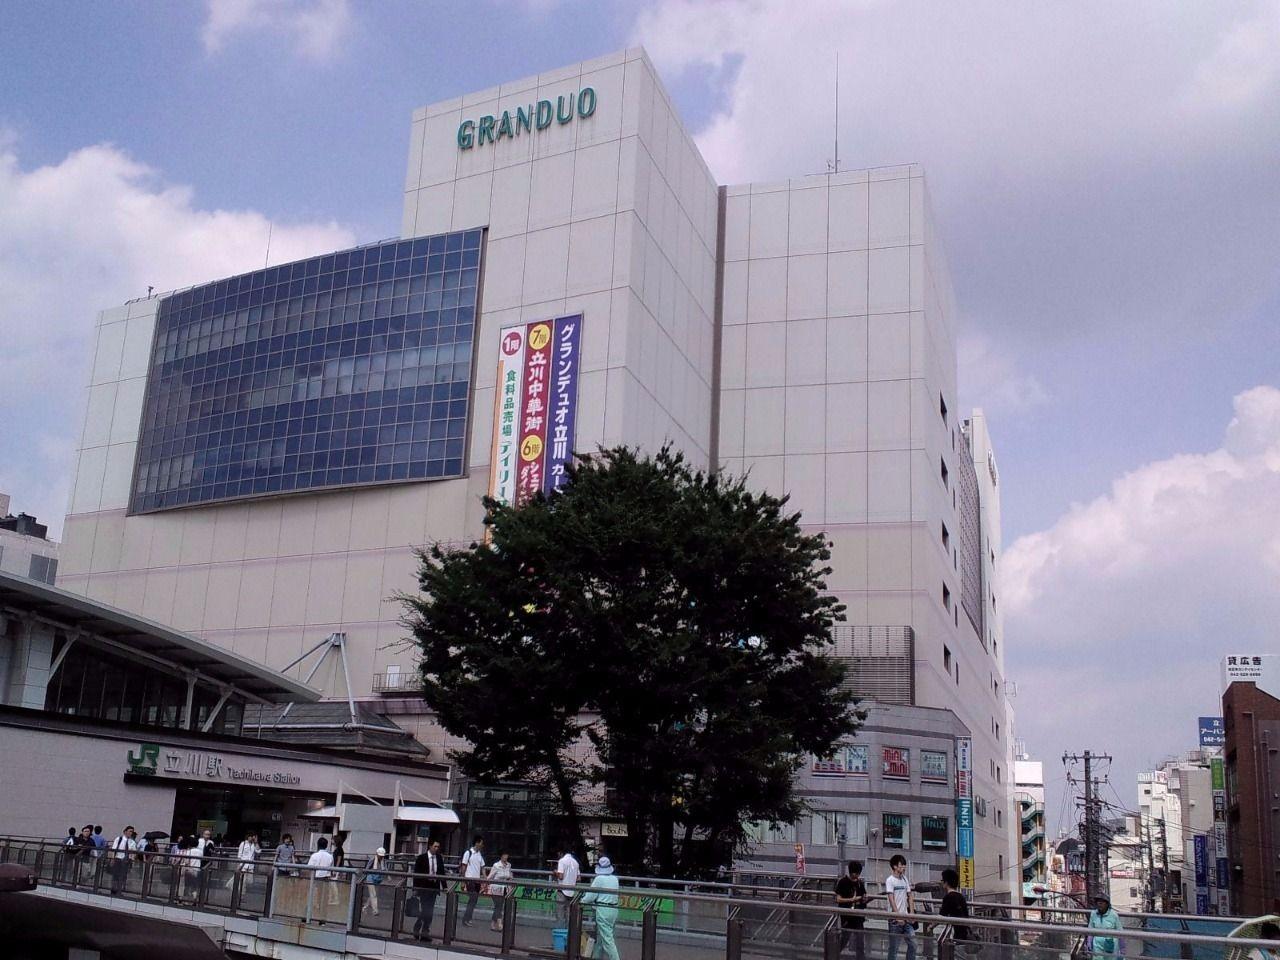 立川駅ビルの商業施設のひとつ